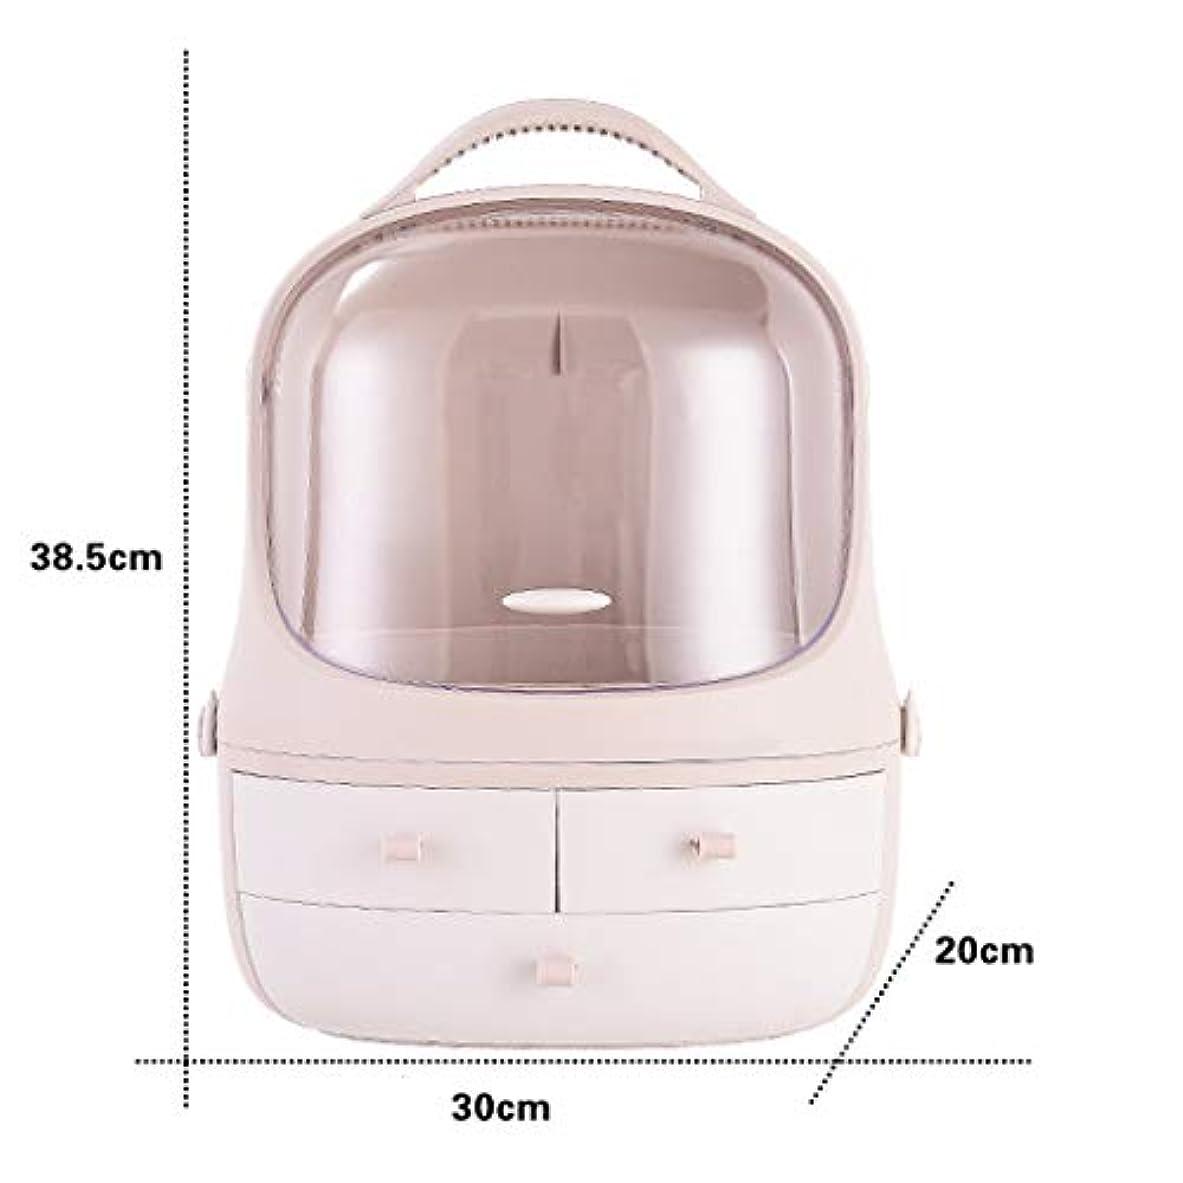 首博覧会ひも化粧品収納ボックス女性防塵デスクトップ引き出し家庭用ドレッシングテーブルスキンケア製品収納ボックス (Color : Pink)